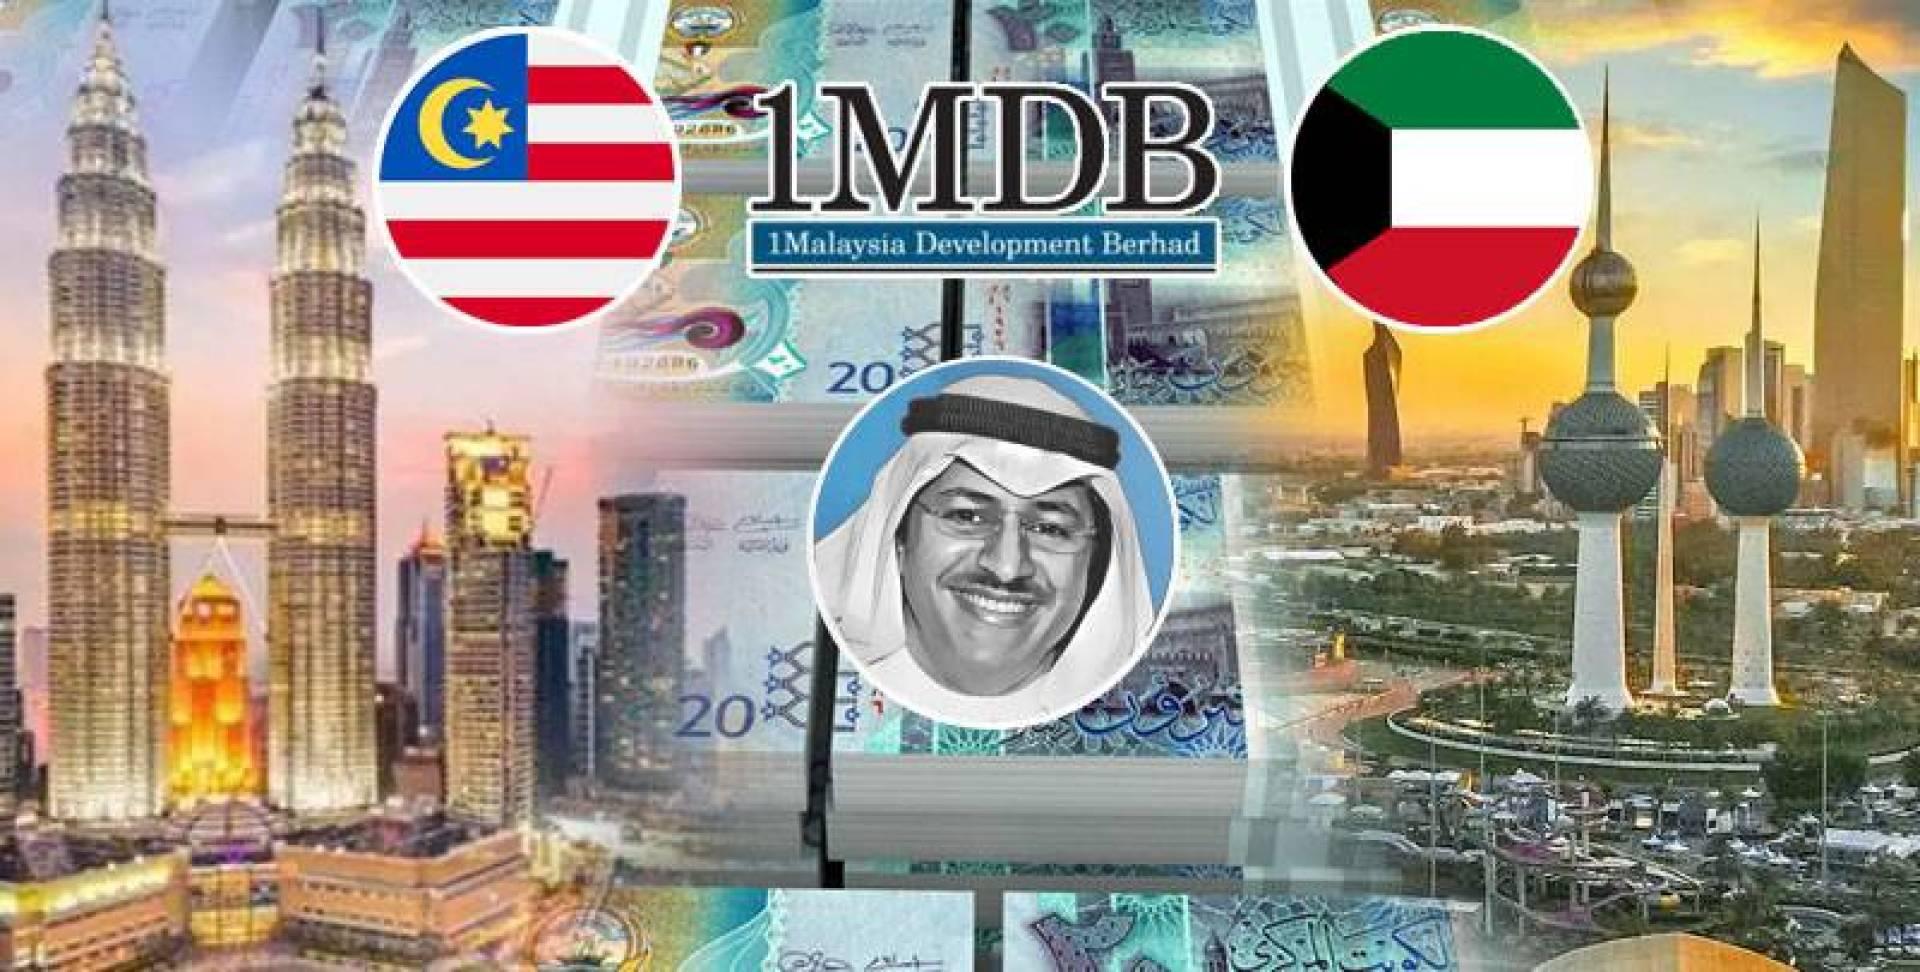 المبارك سعى لشراء أرض ماليزية بحجم مدينة الكويت